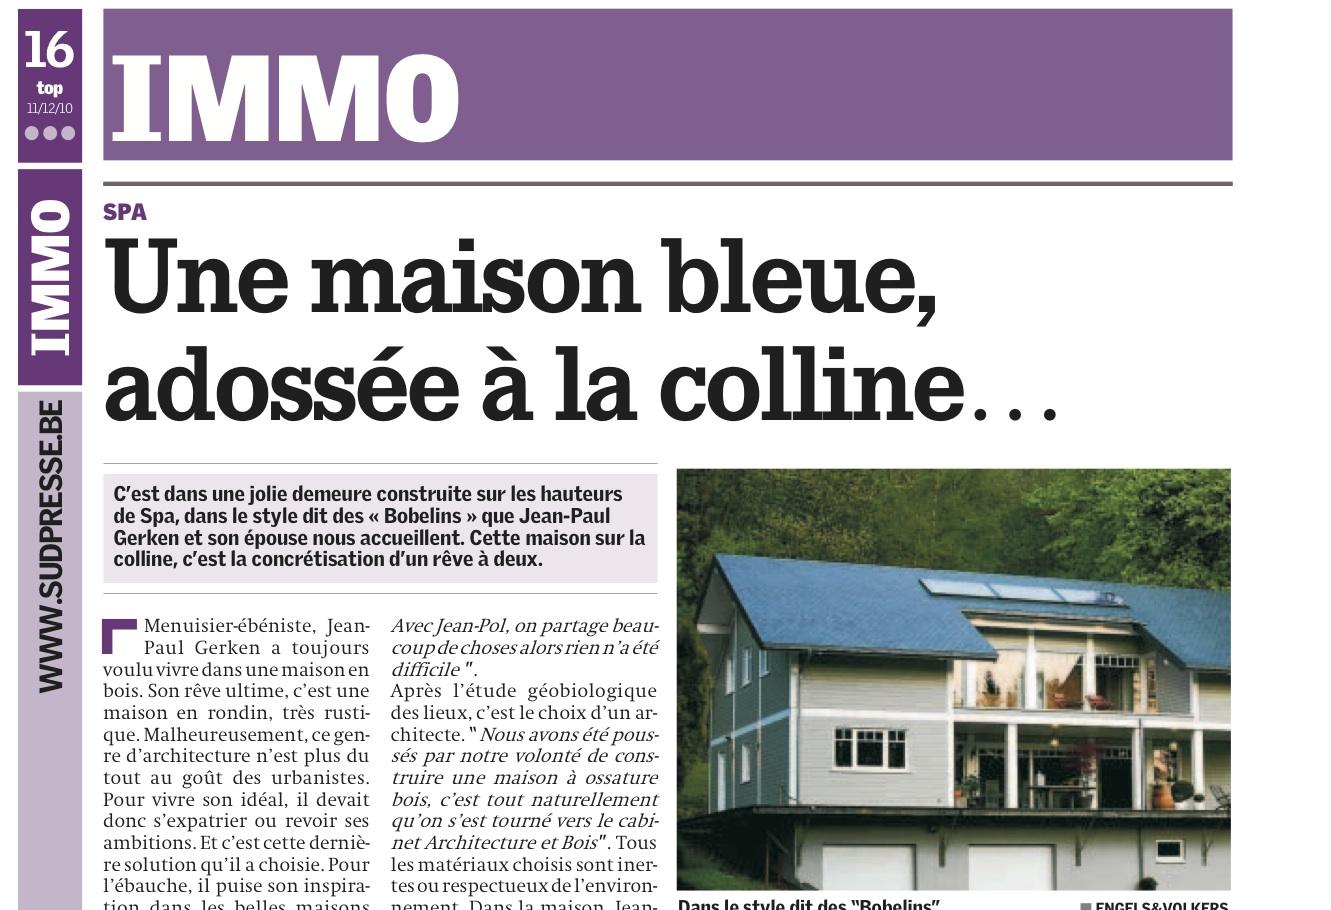 Une maison bleue adoss e la colline architecture bois - Maison bleue adossee a la colline ...